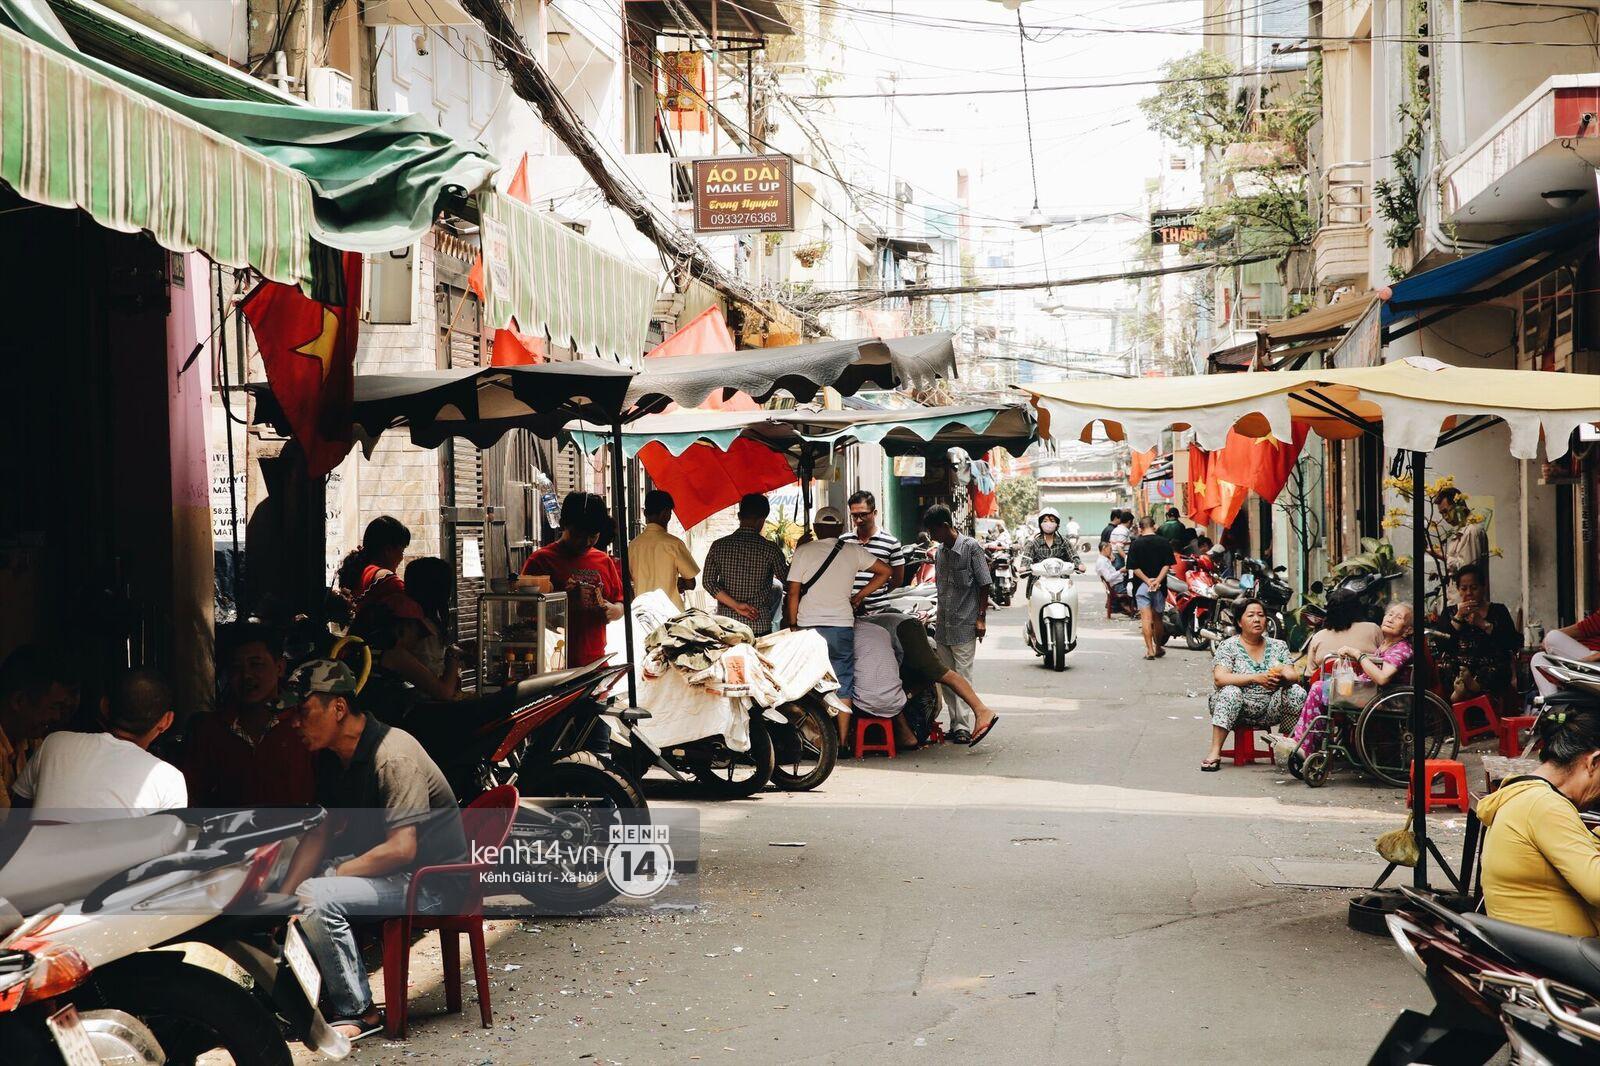 Không khí nhộn nhịp ngày đầu năm tại quán cafe vợt lâu đời nhất Sài Gòn, gần 80 năm chỉ nghỉ đúng ngày 30 Tết - Ảnh 6.